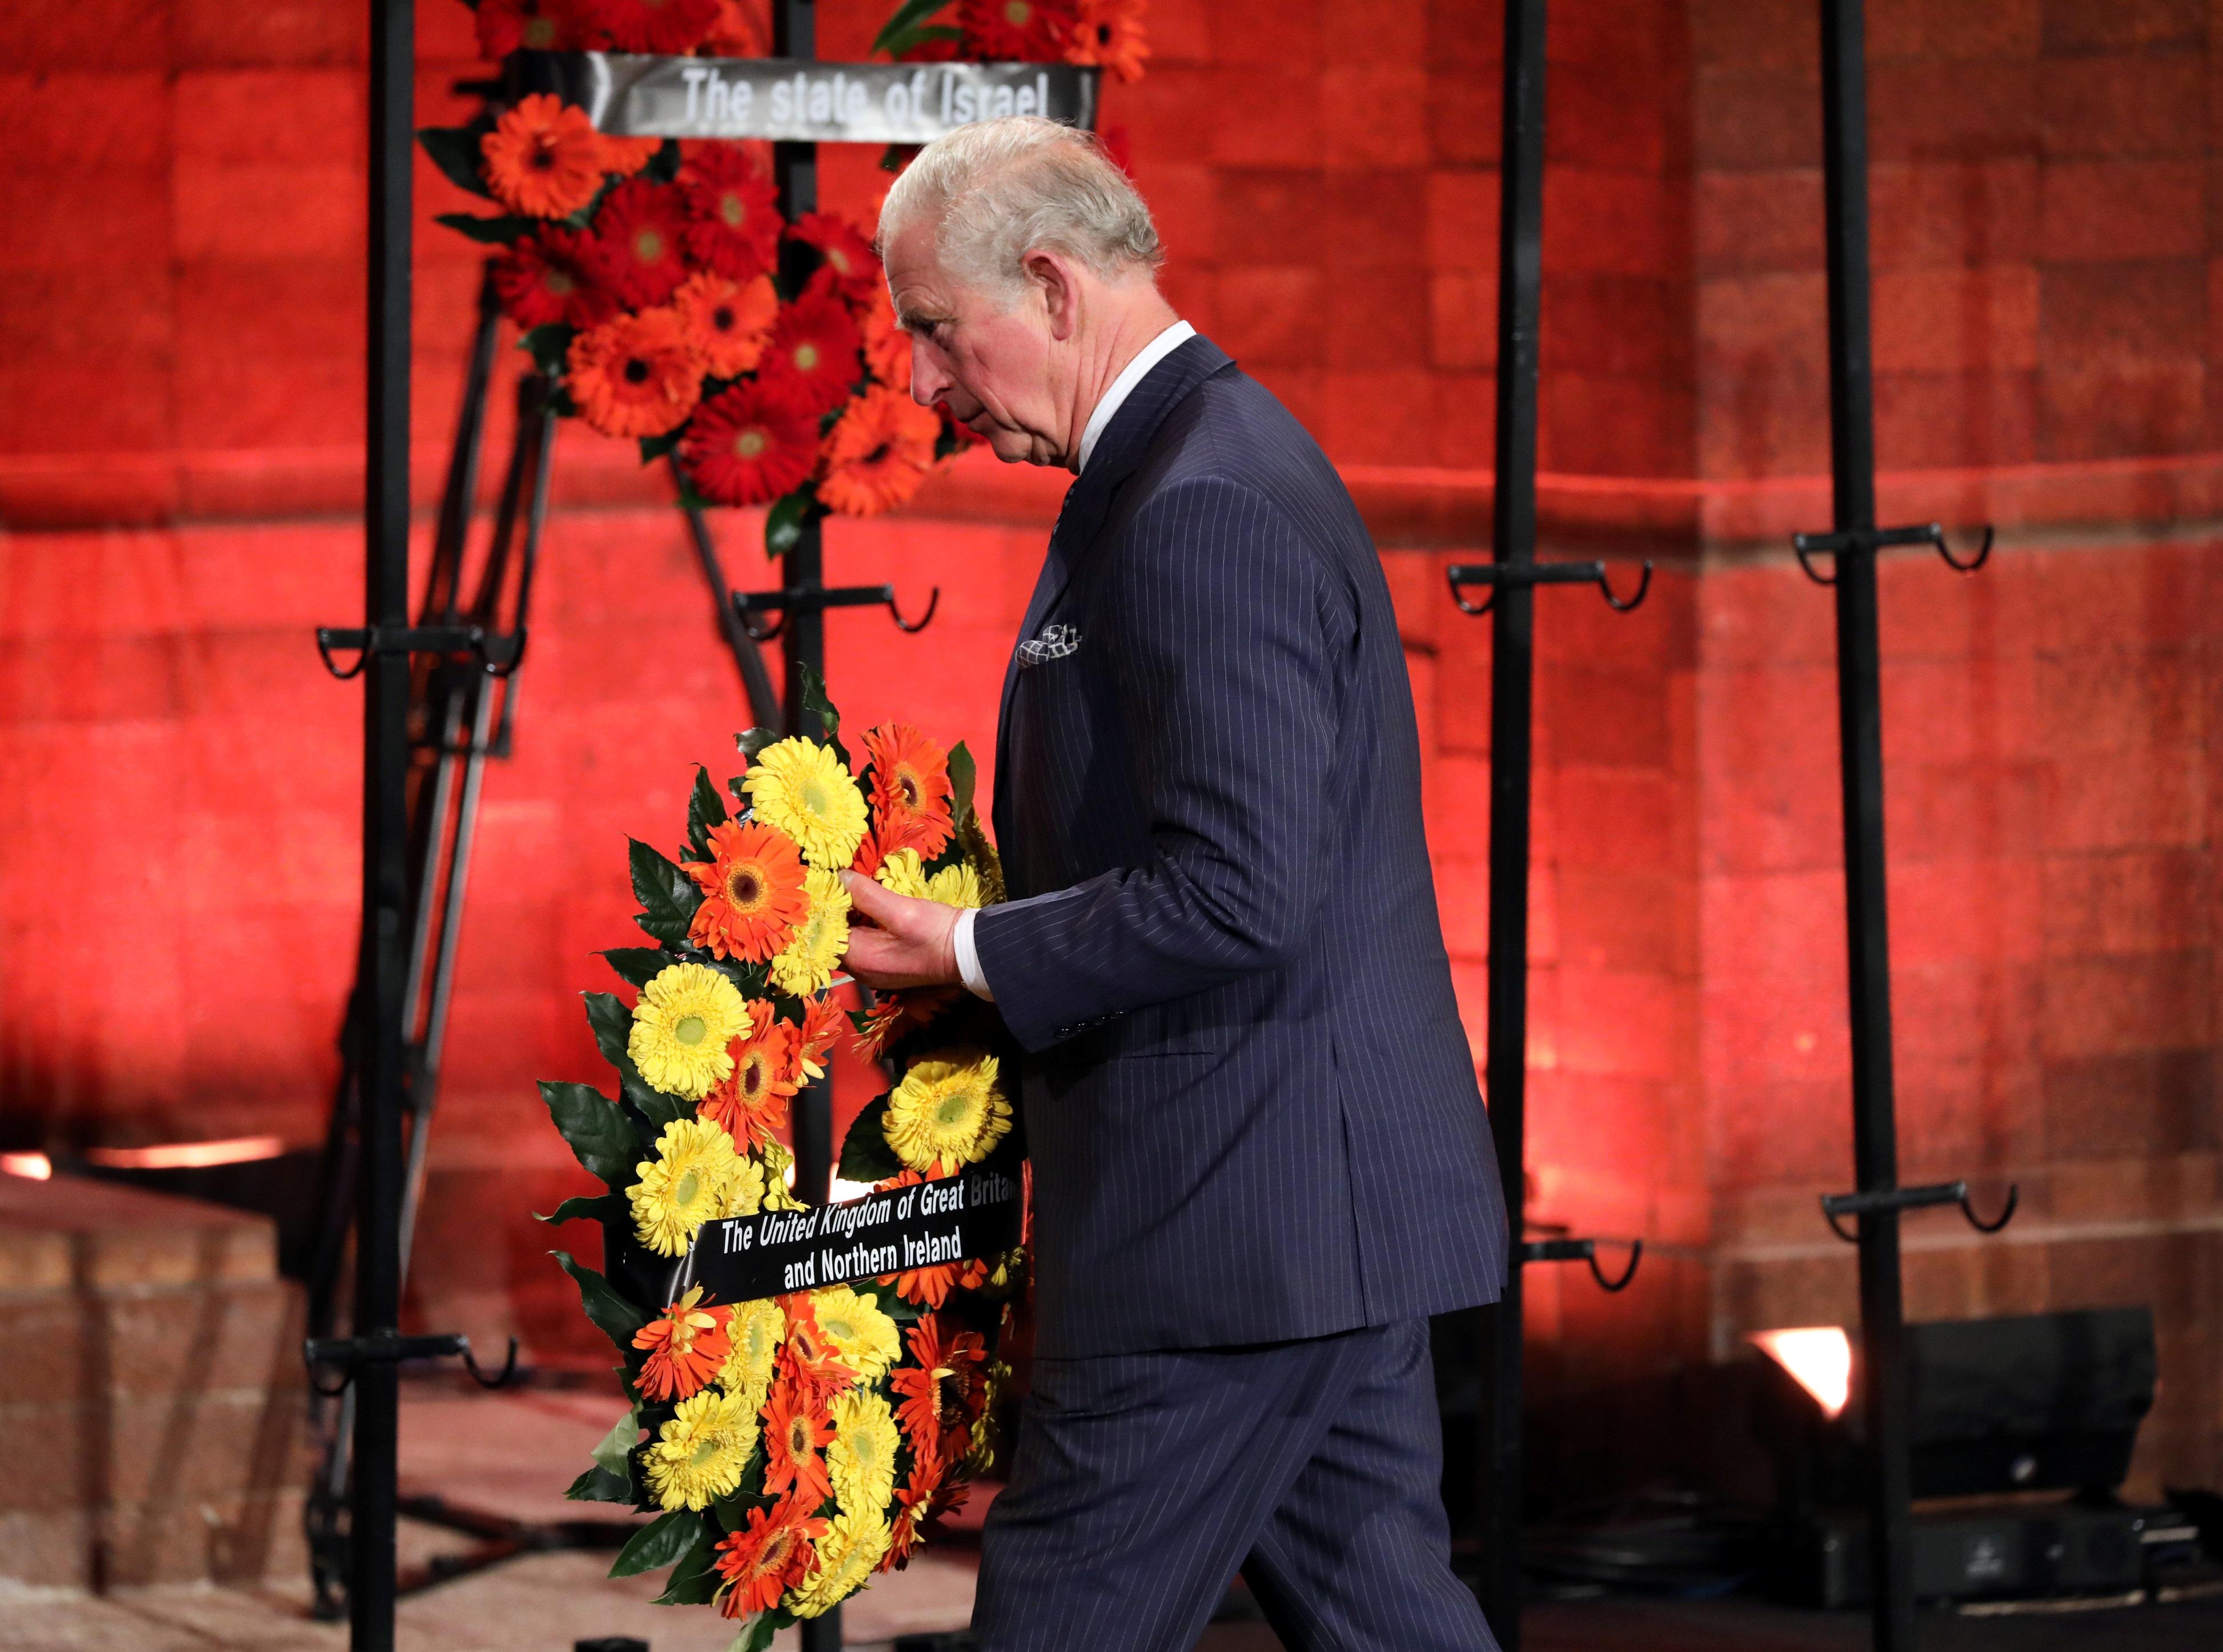 Ο πρίγκιπας Κάρολος τιμά τον ηρωισμό της γιαγιάς του για τη διάσωση Εβραίων στην κατοχική Αθήνα!